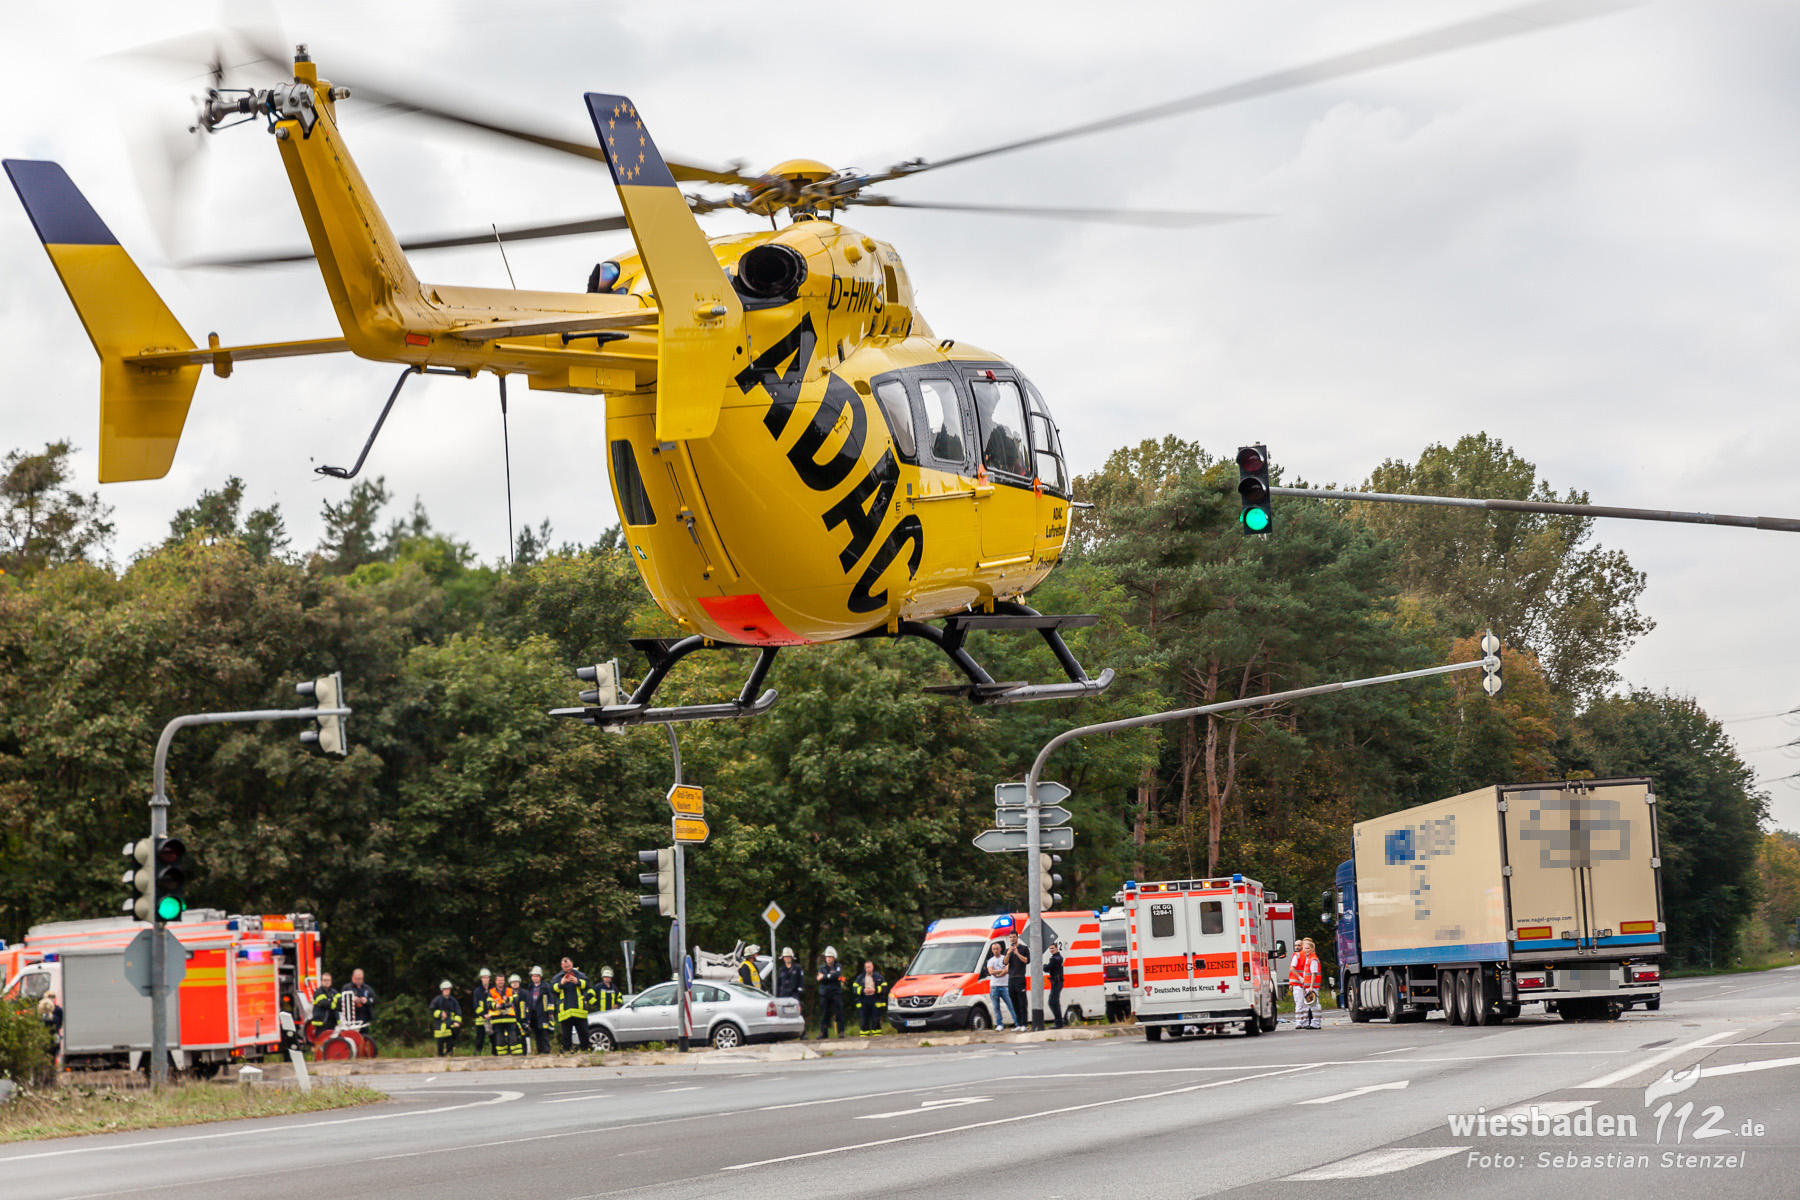 Schwerer Zusammenstoß auf Kreuzung bei Rüsselsheim